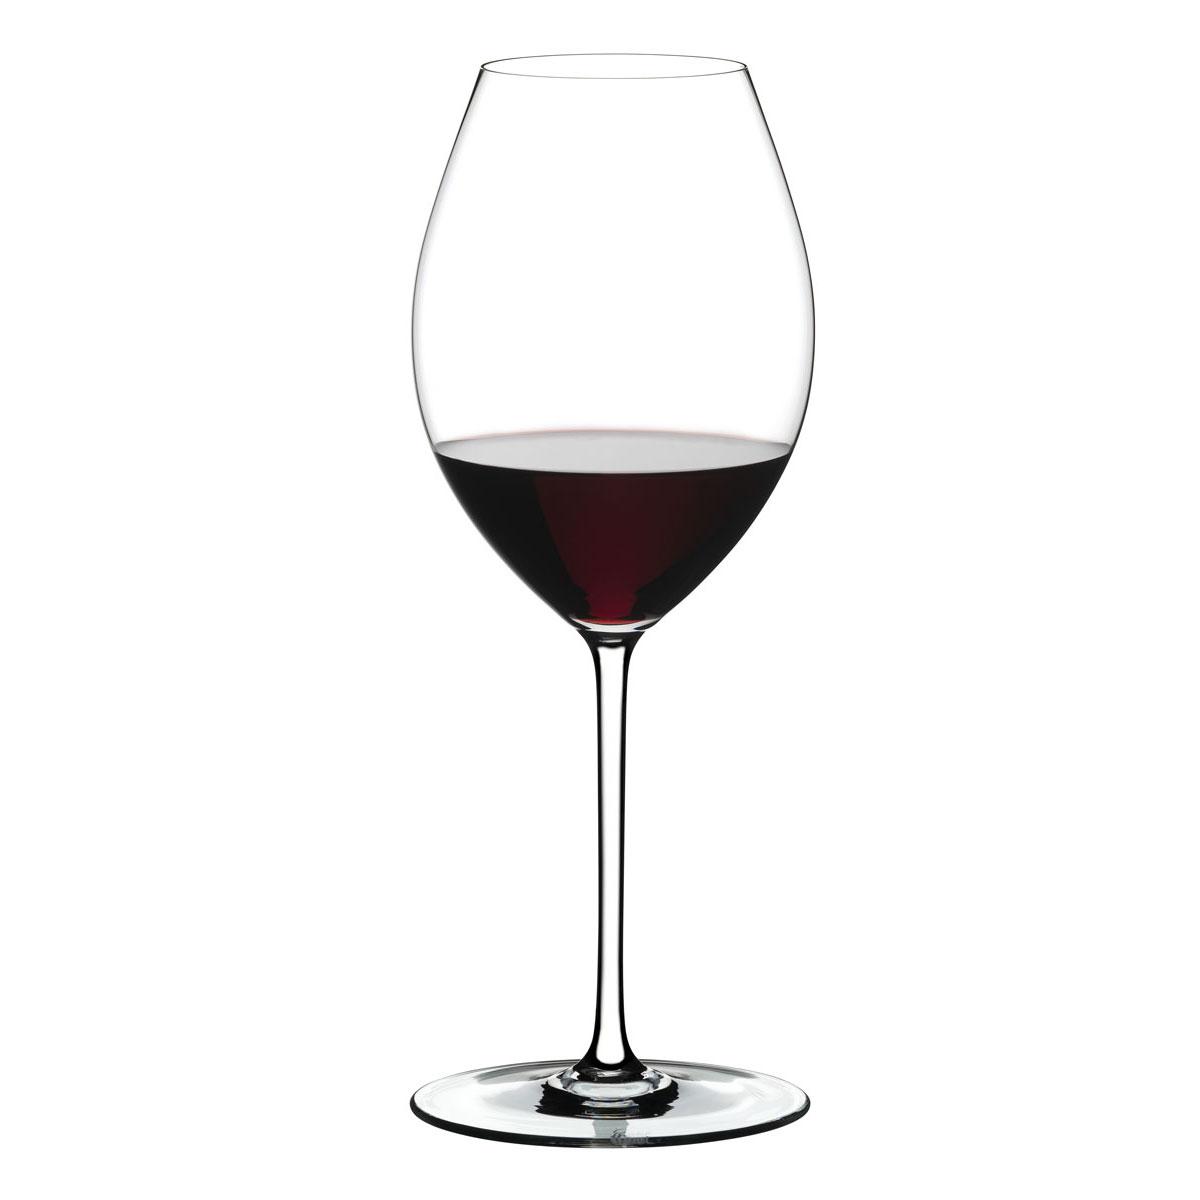 Riedel Fatto A Mano, Old World Syrah Wine Glass, White